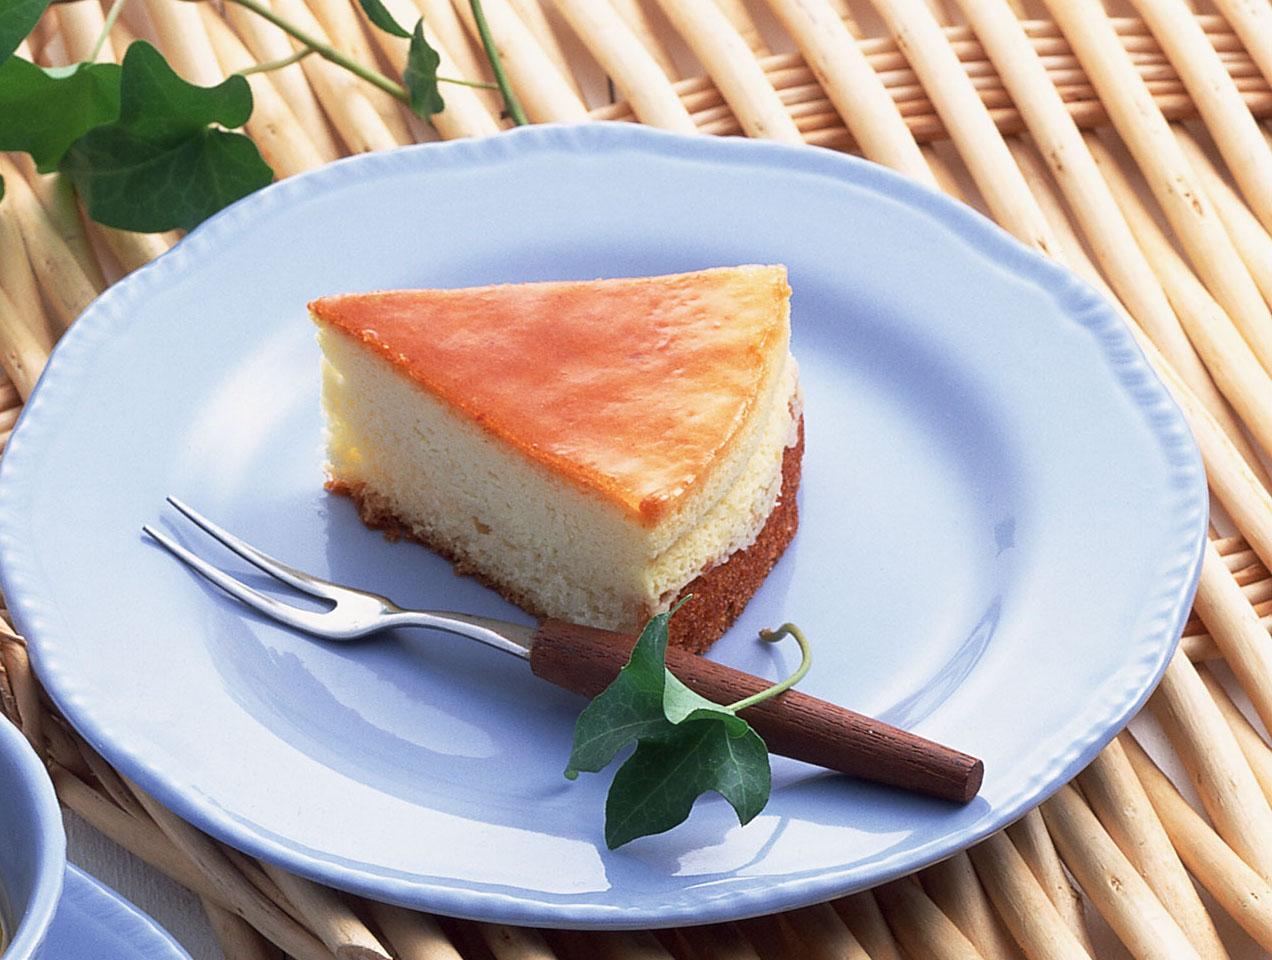 【土佐茶に合うデザート】チーズケーキ